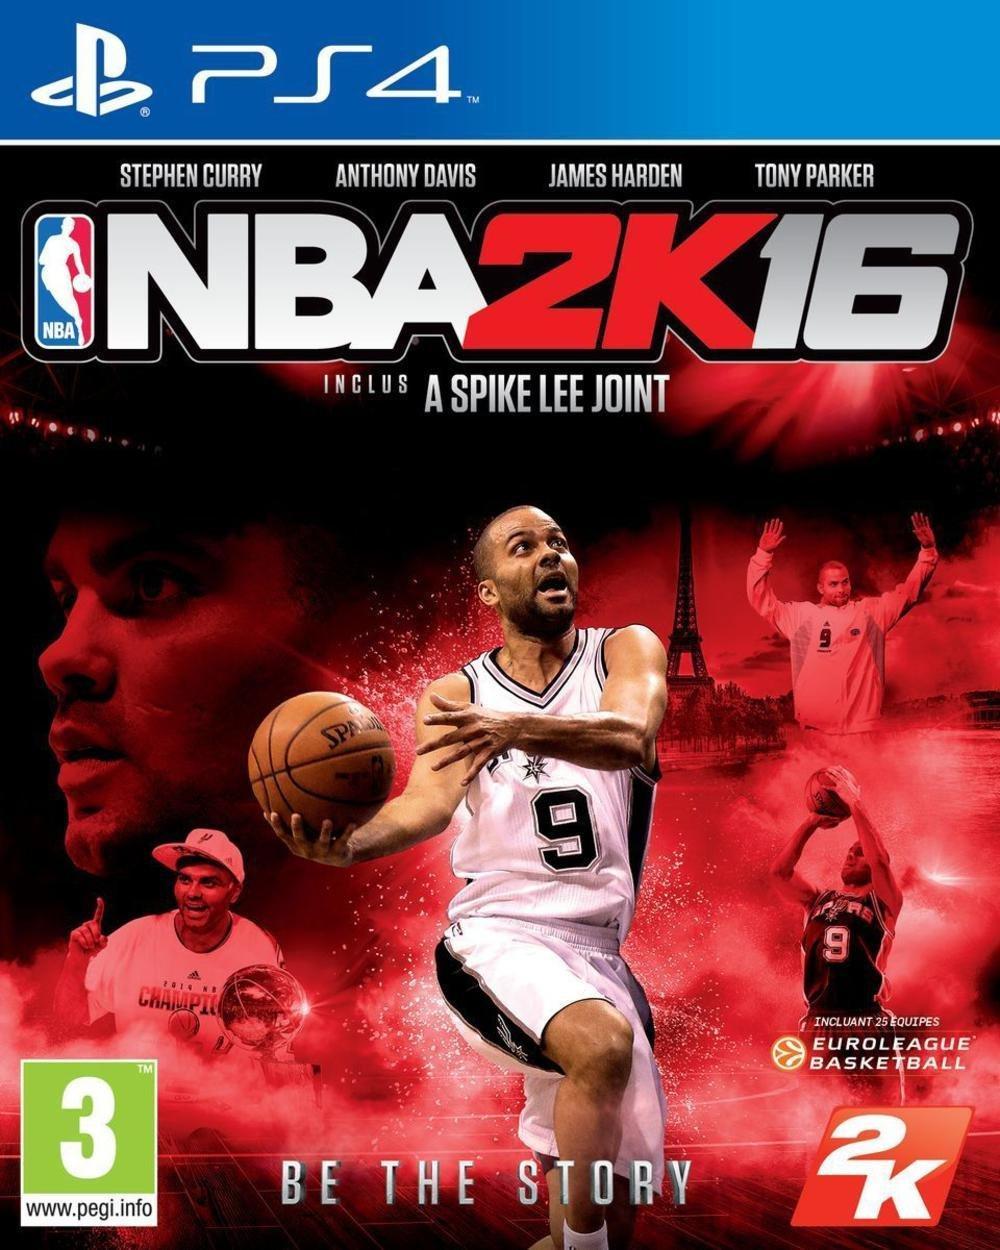 NBA 2K16 sur Xbox One à 31,84€ et PS4